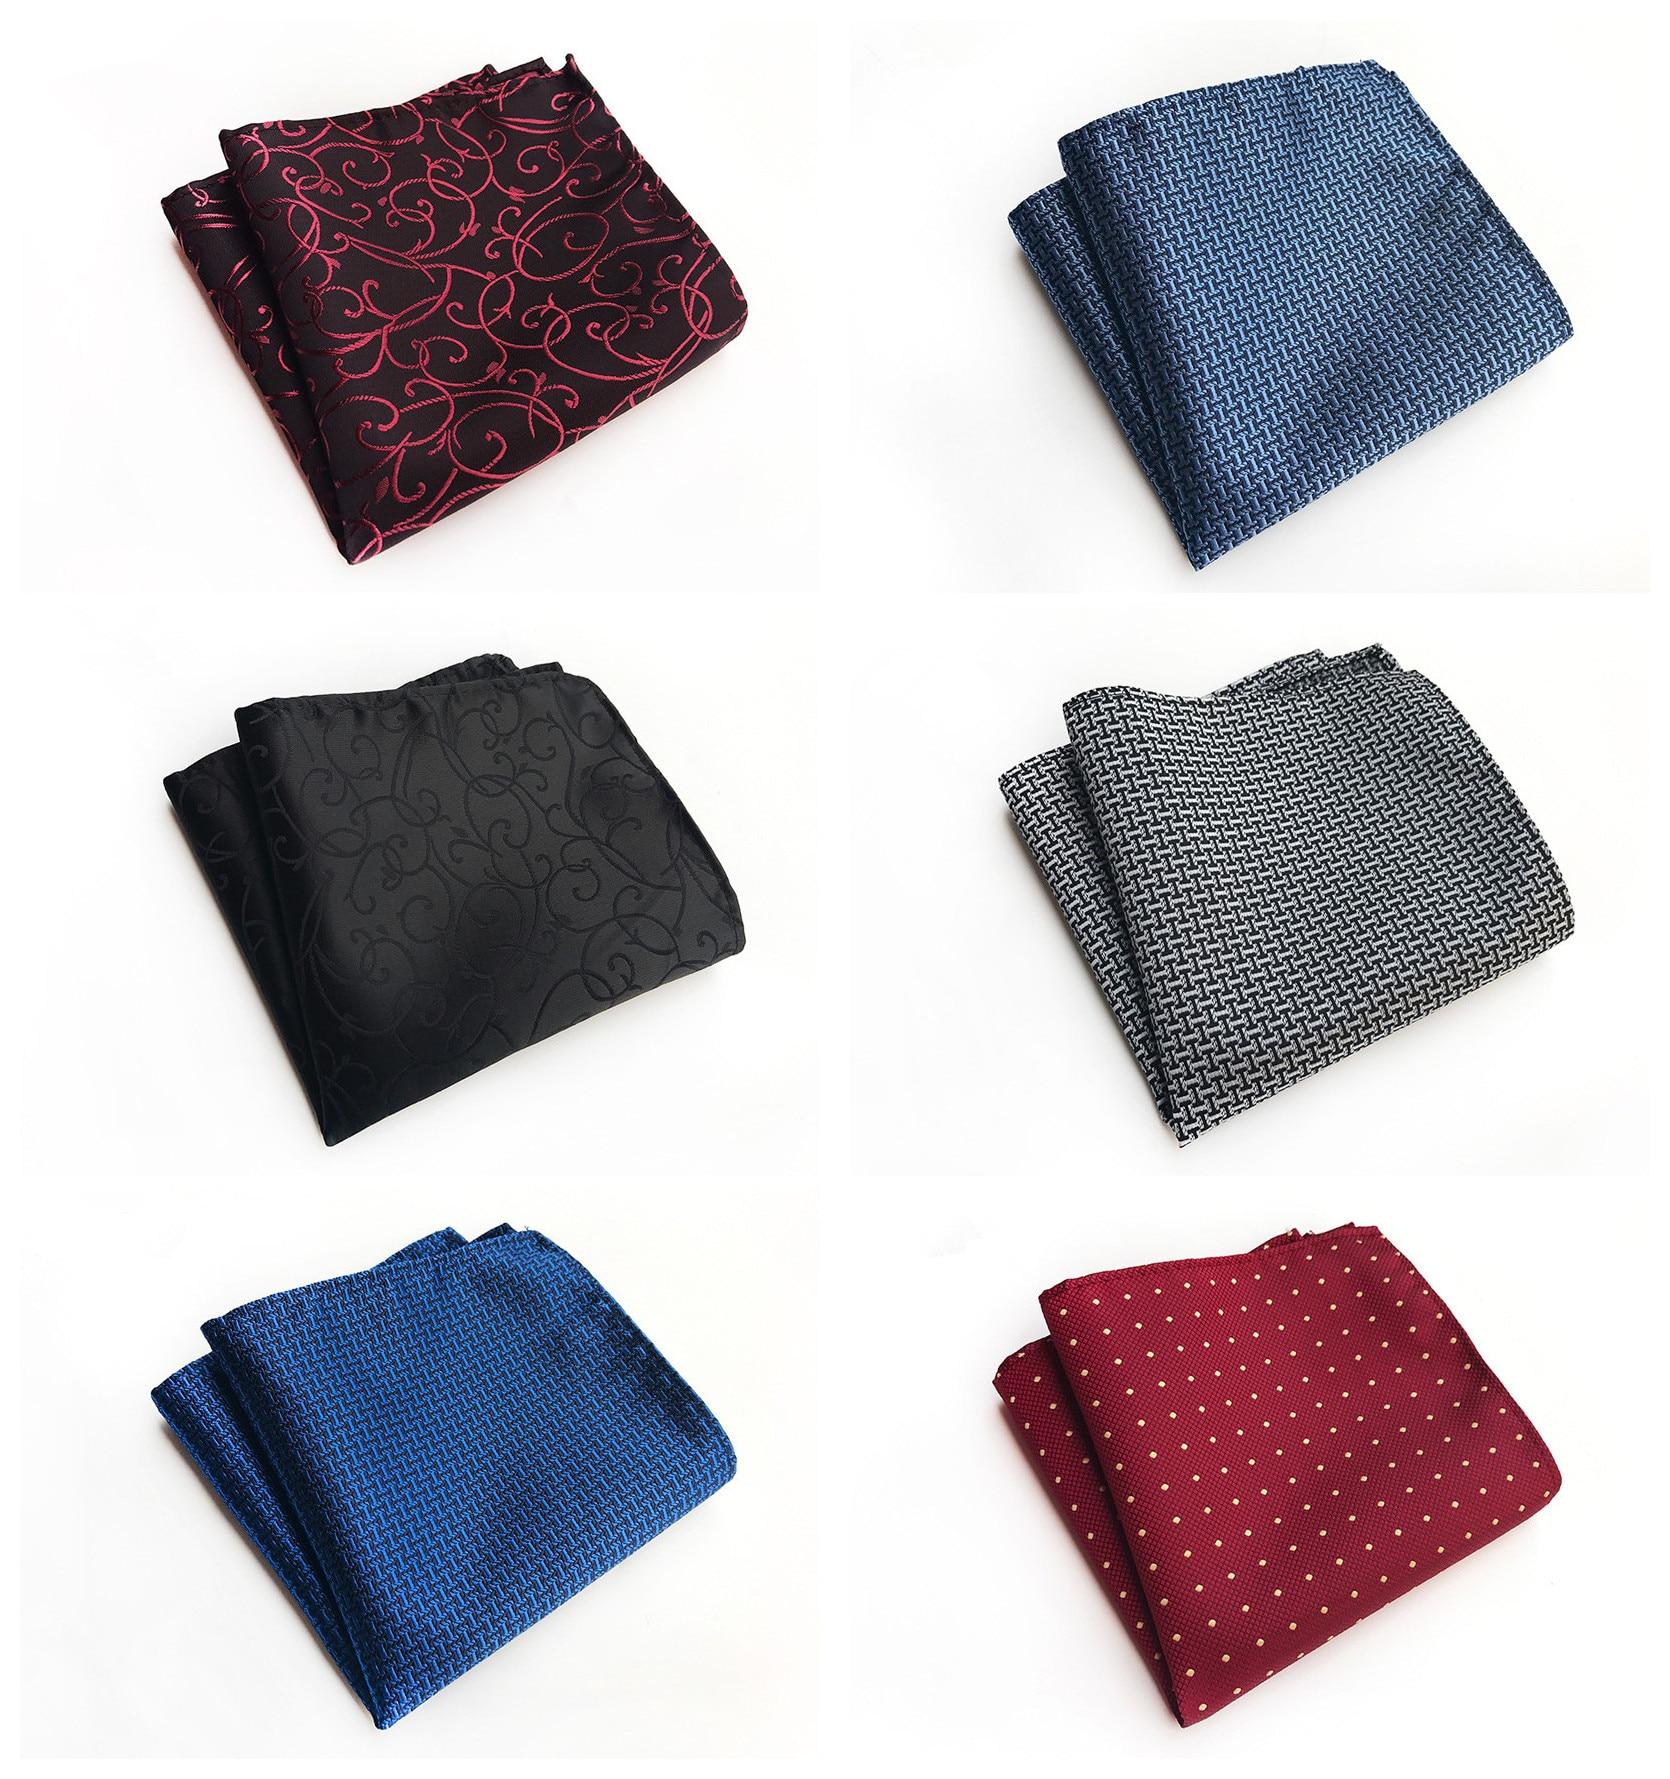 2019 Fashion Explosion Men's Business Suit Handkerchief Towel Fashion Unique Design Polyester Material Dress Pocket Towel